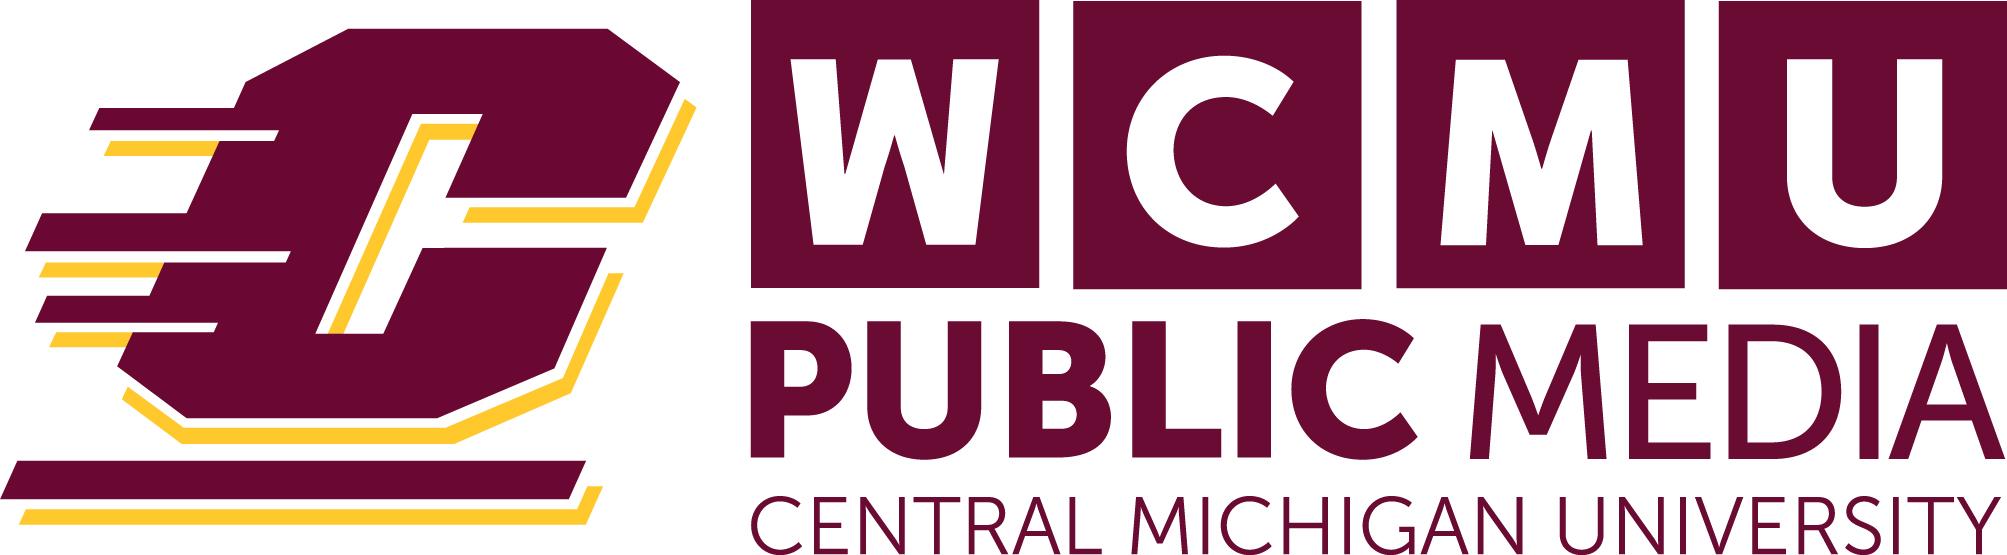 WCMU-C-LOGO.jpg